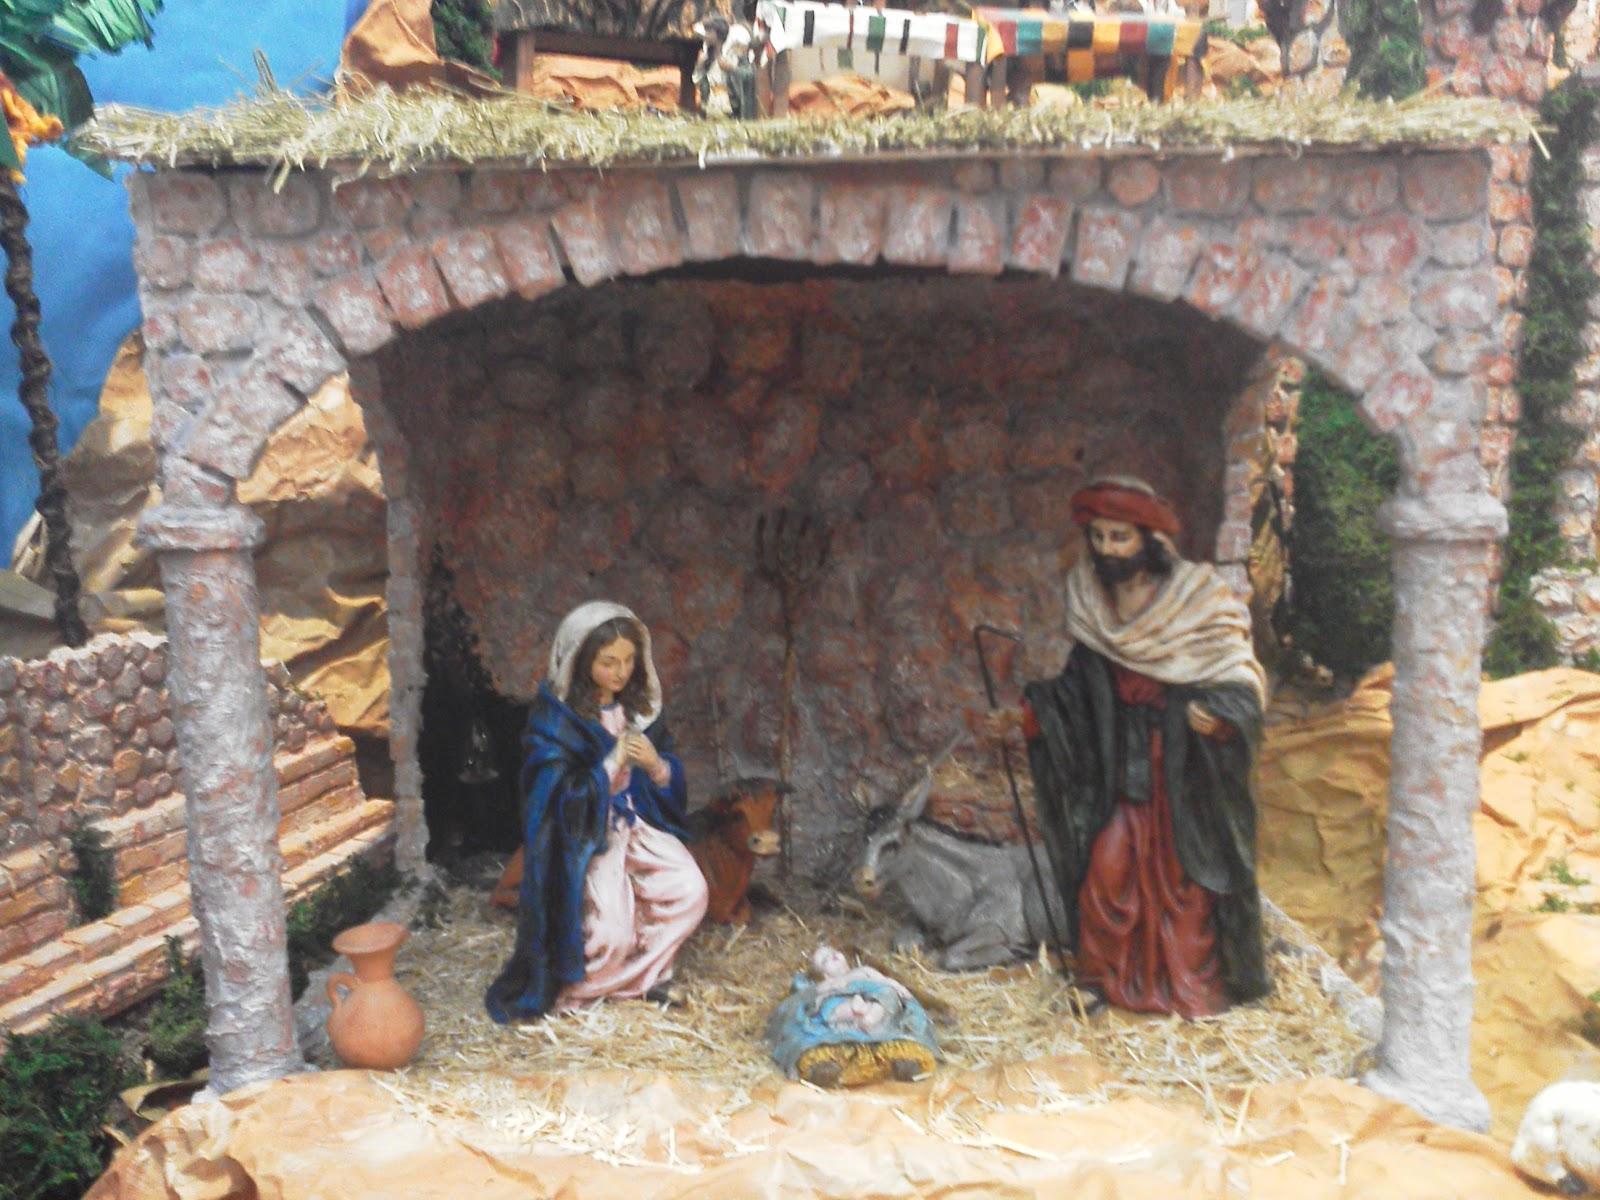 Bel n parroquial 2012 for Nacimiento belen